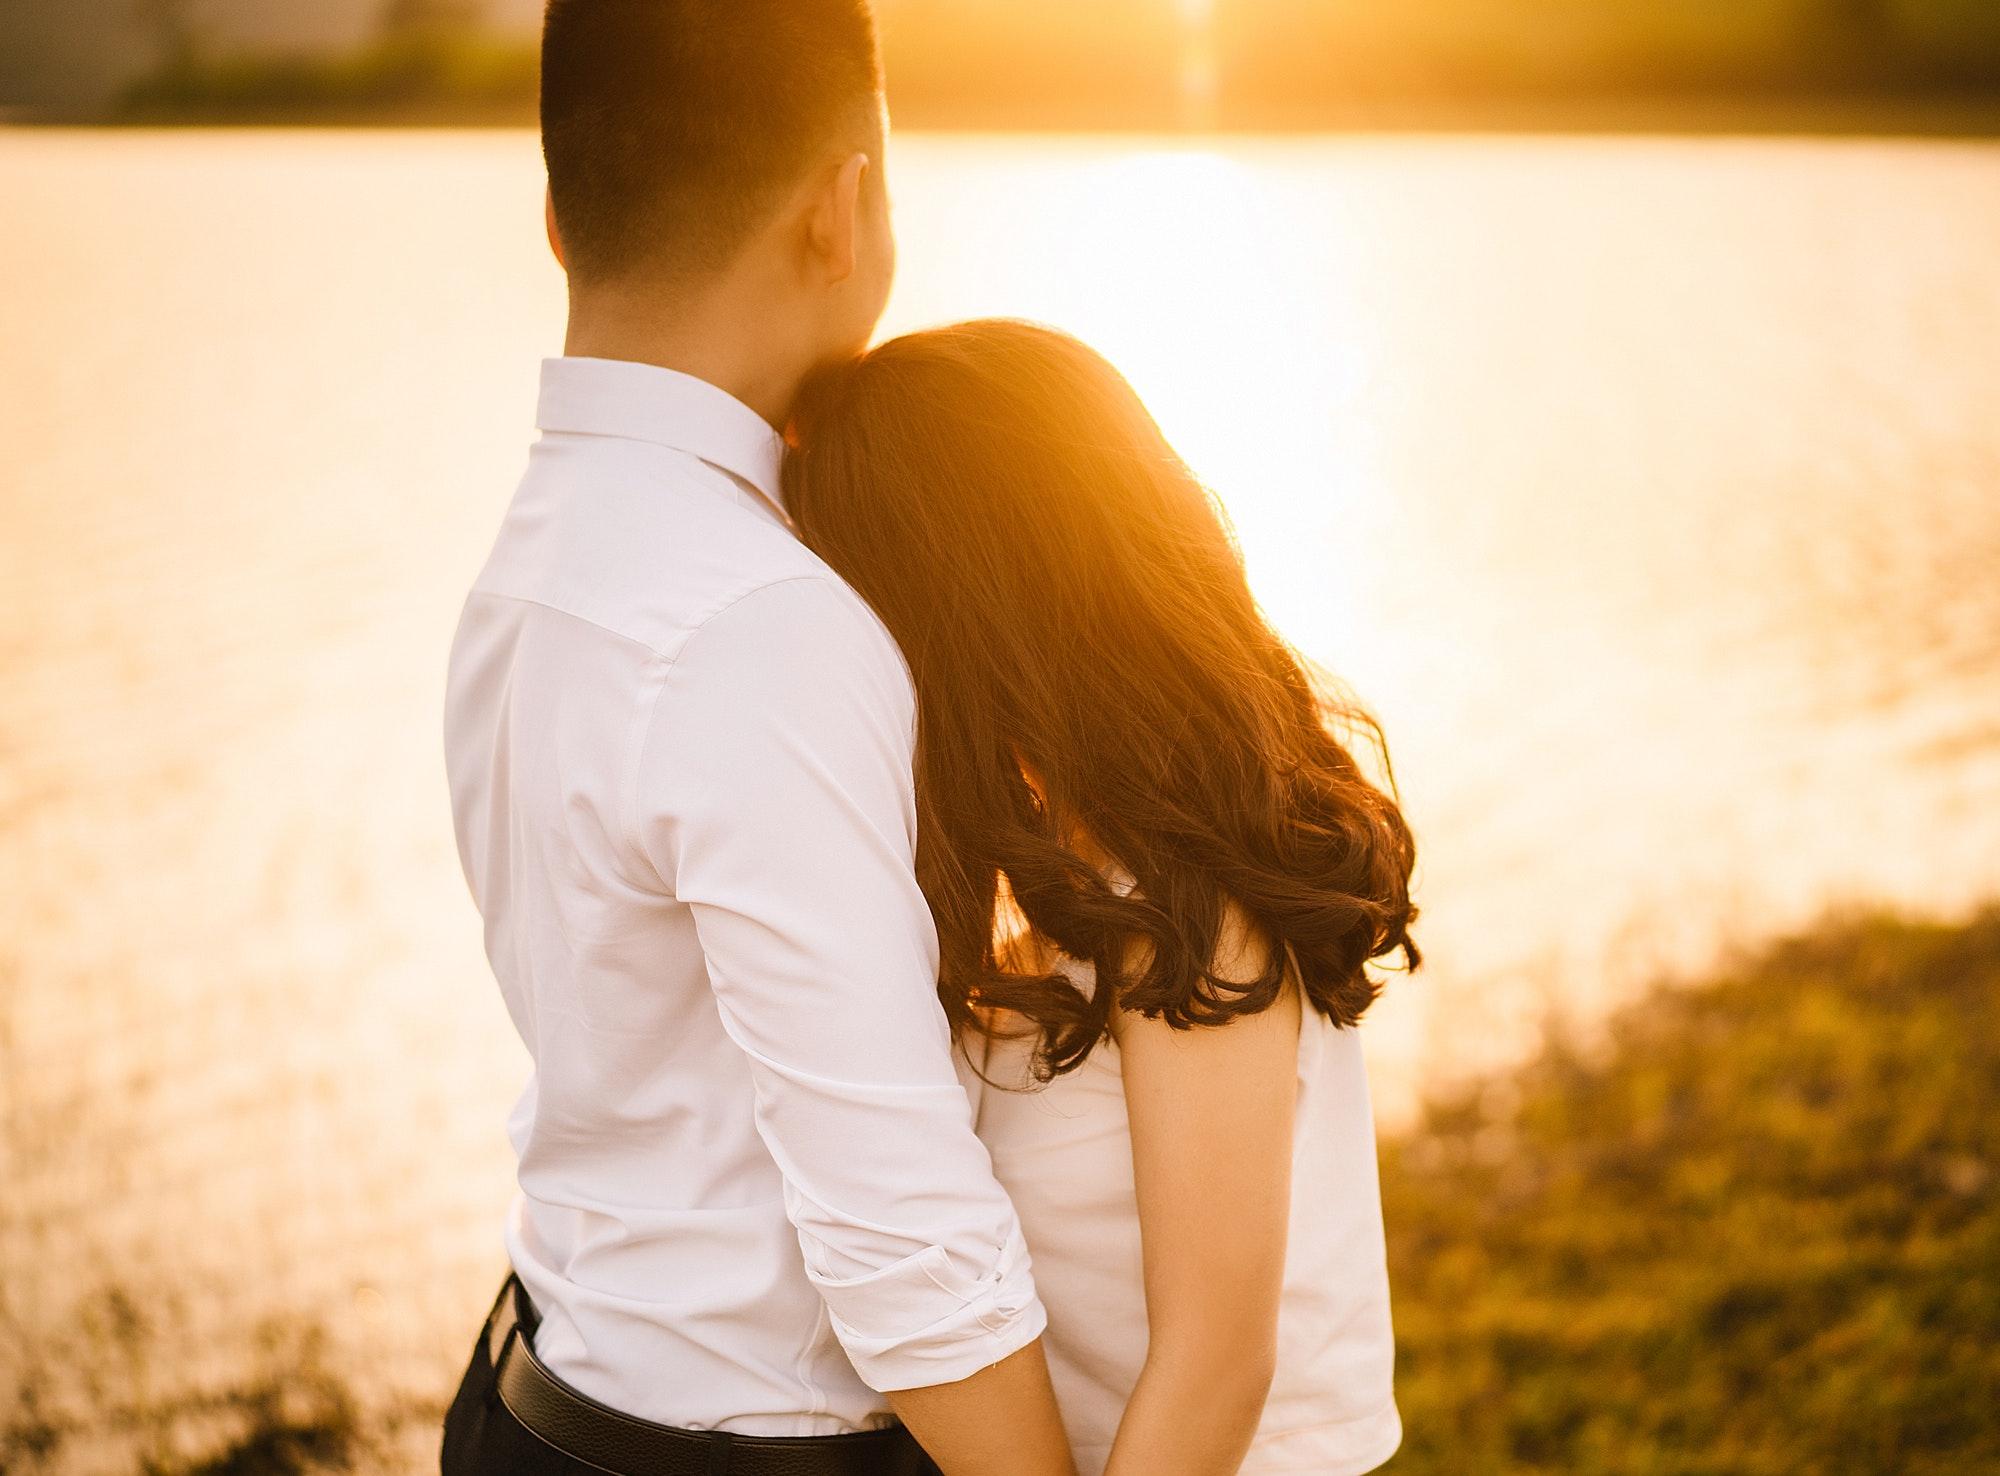 paşi cruciali pentru a-ţi ţine soţul aproape